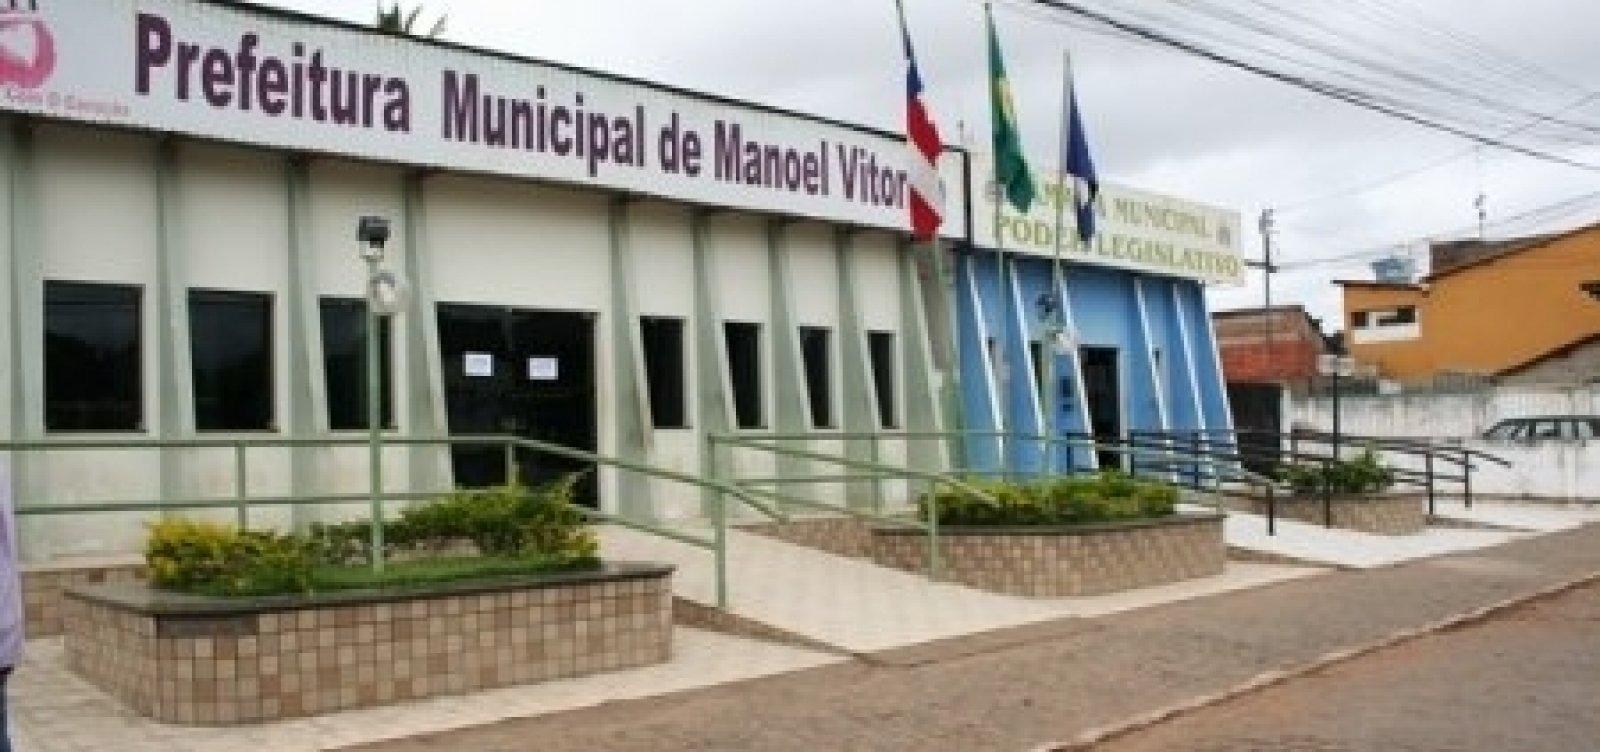 [Manoel Vitorino: MP pede que prefeitura pague multa por descumprimento de acordo]